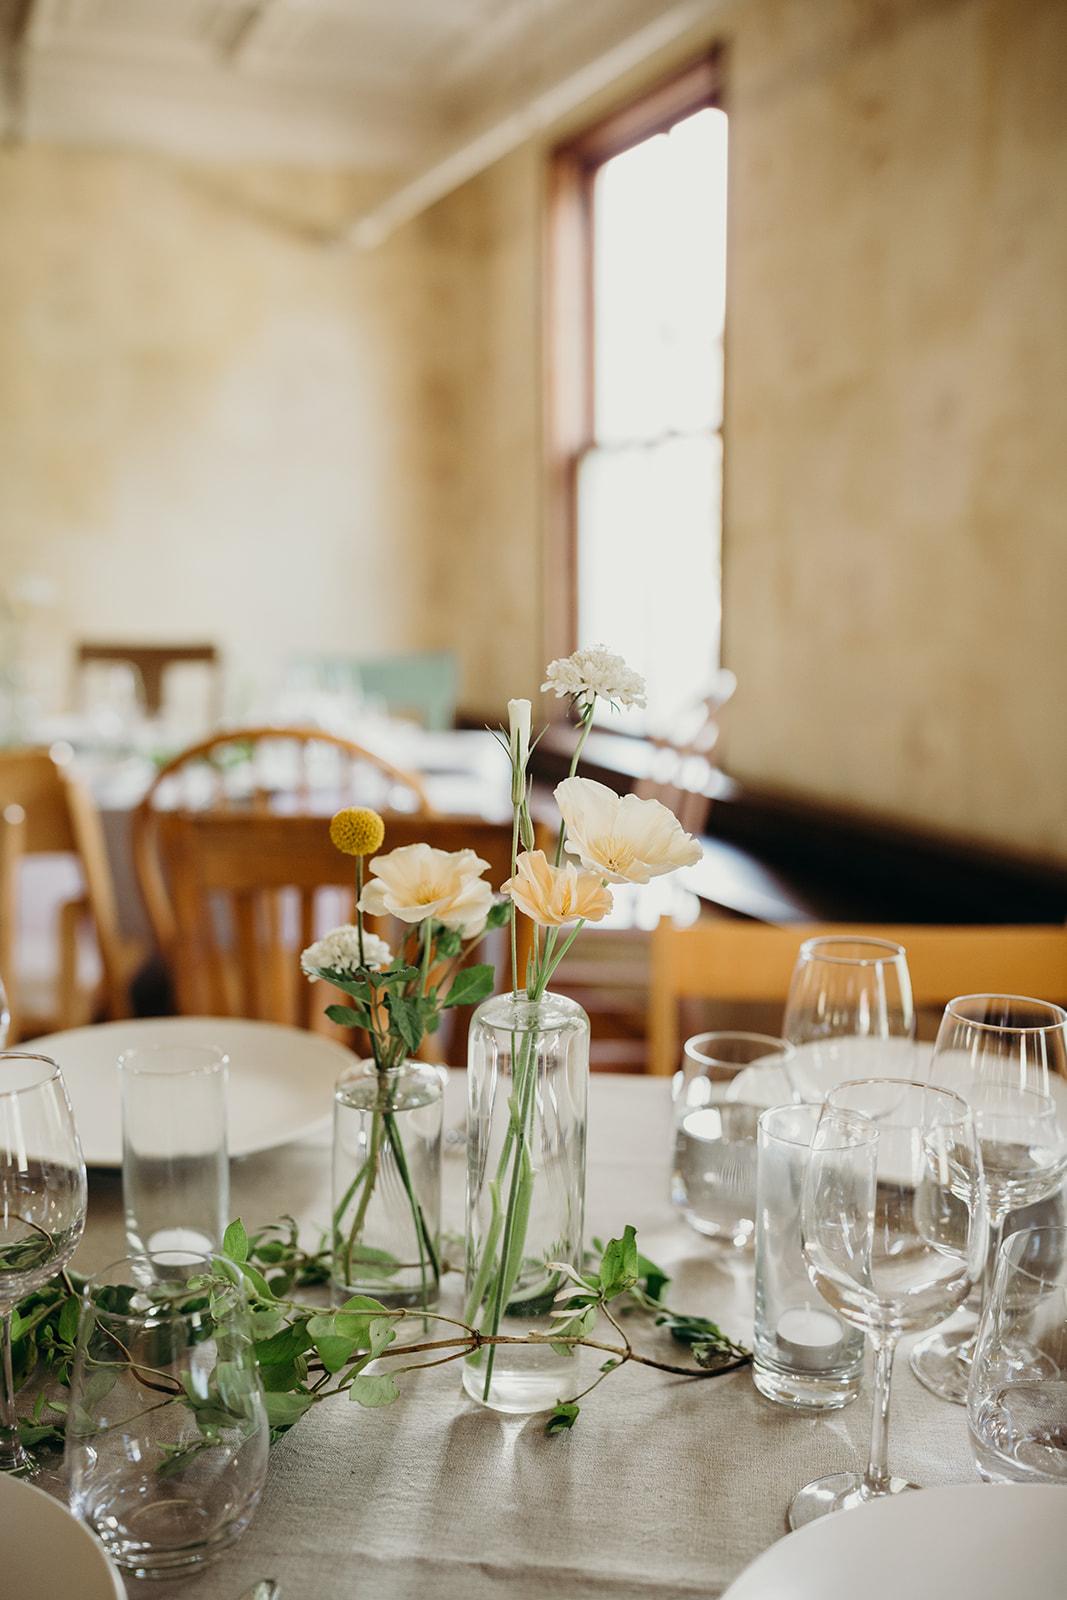 Whitney-Lauren-Headlands-Center-for-The-Arts-Wedding-354.jpg